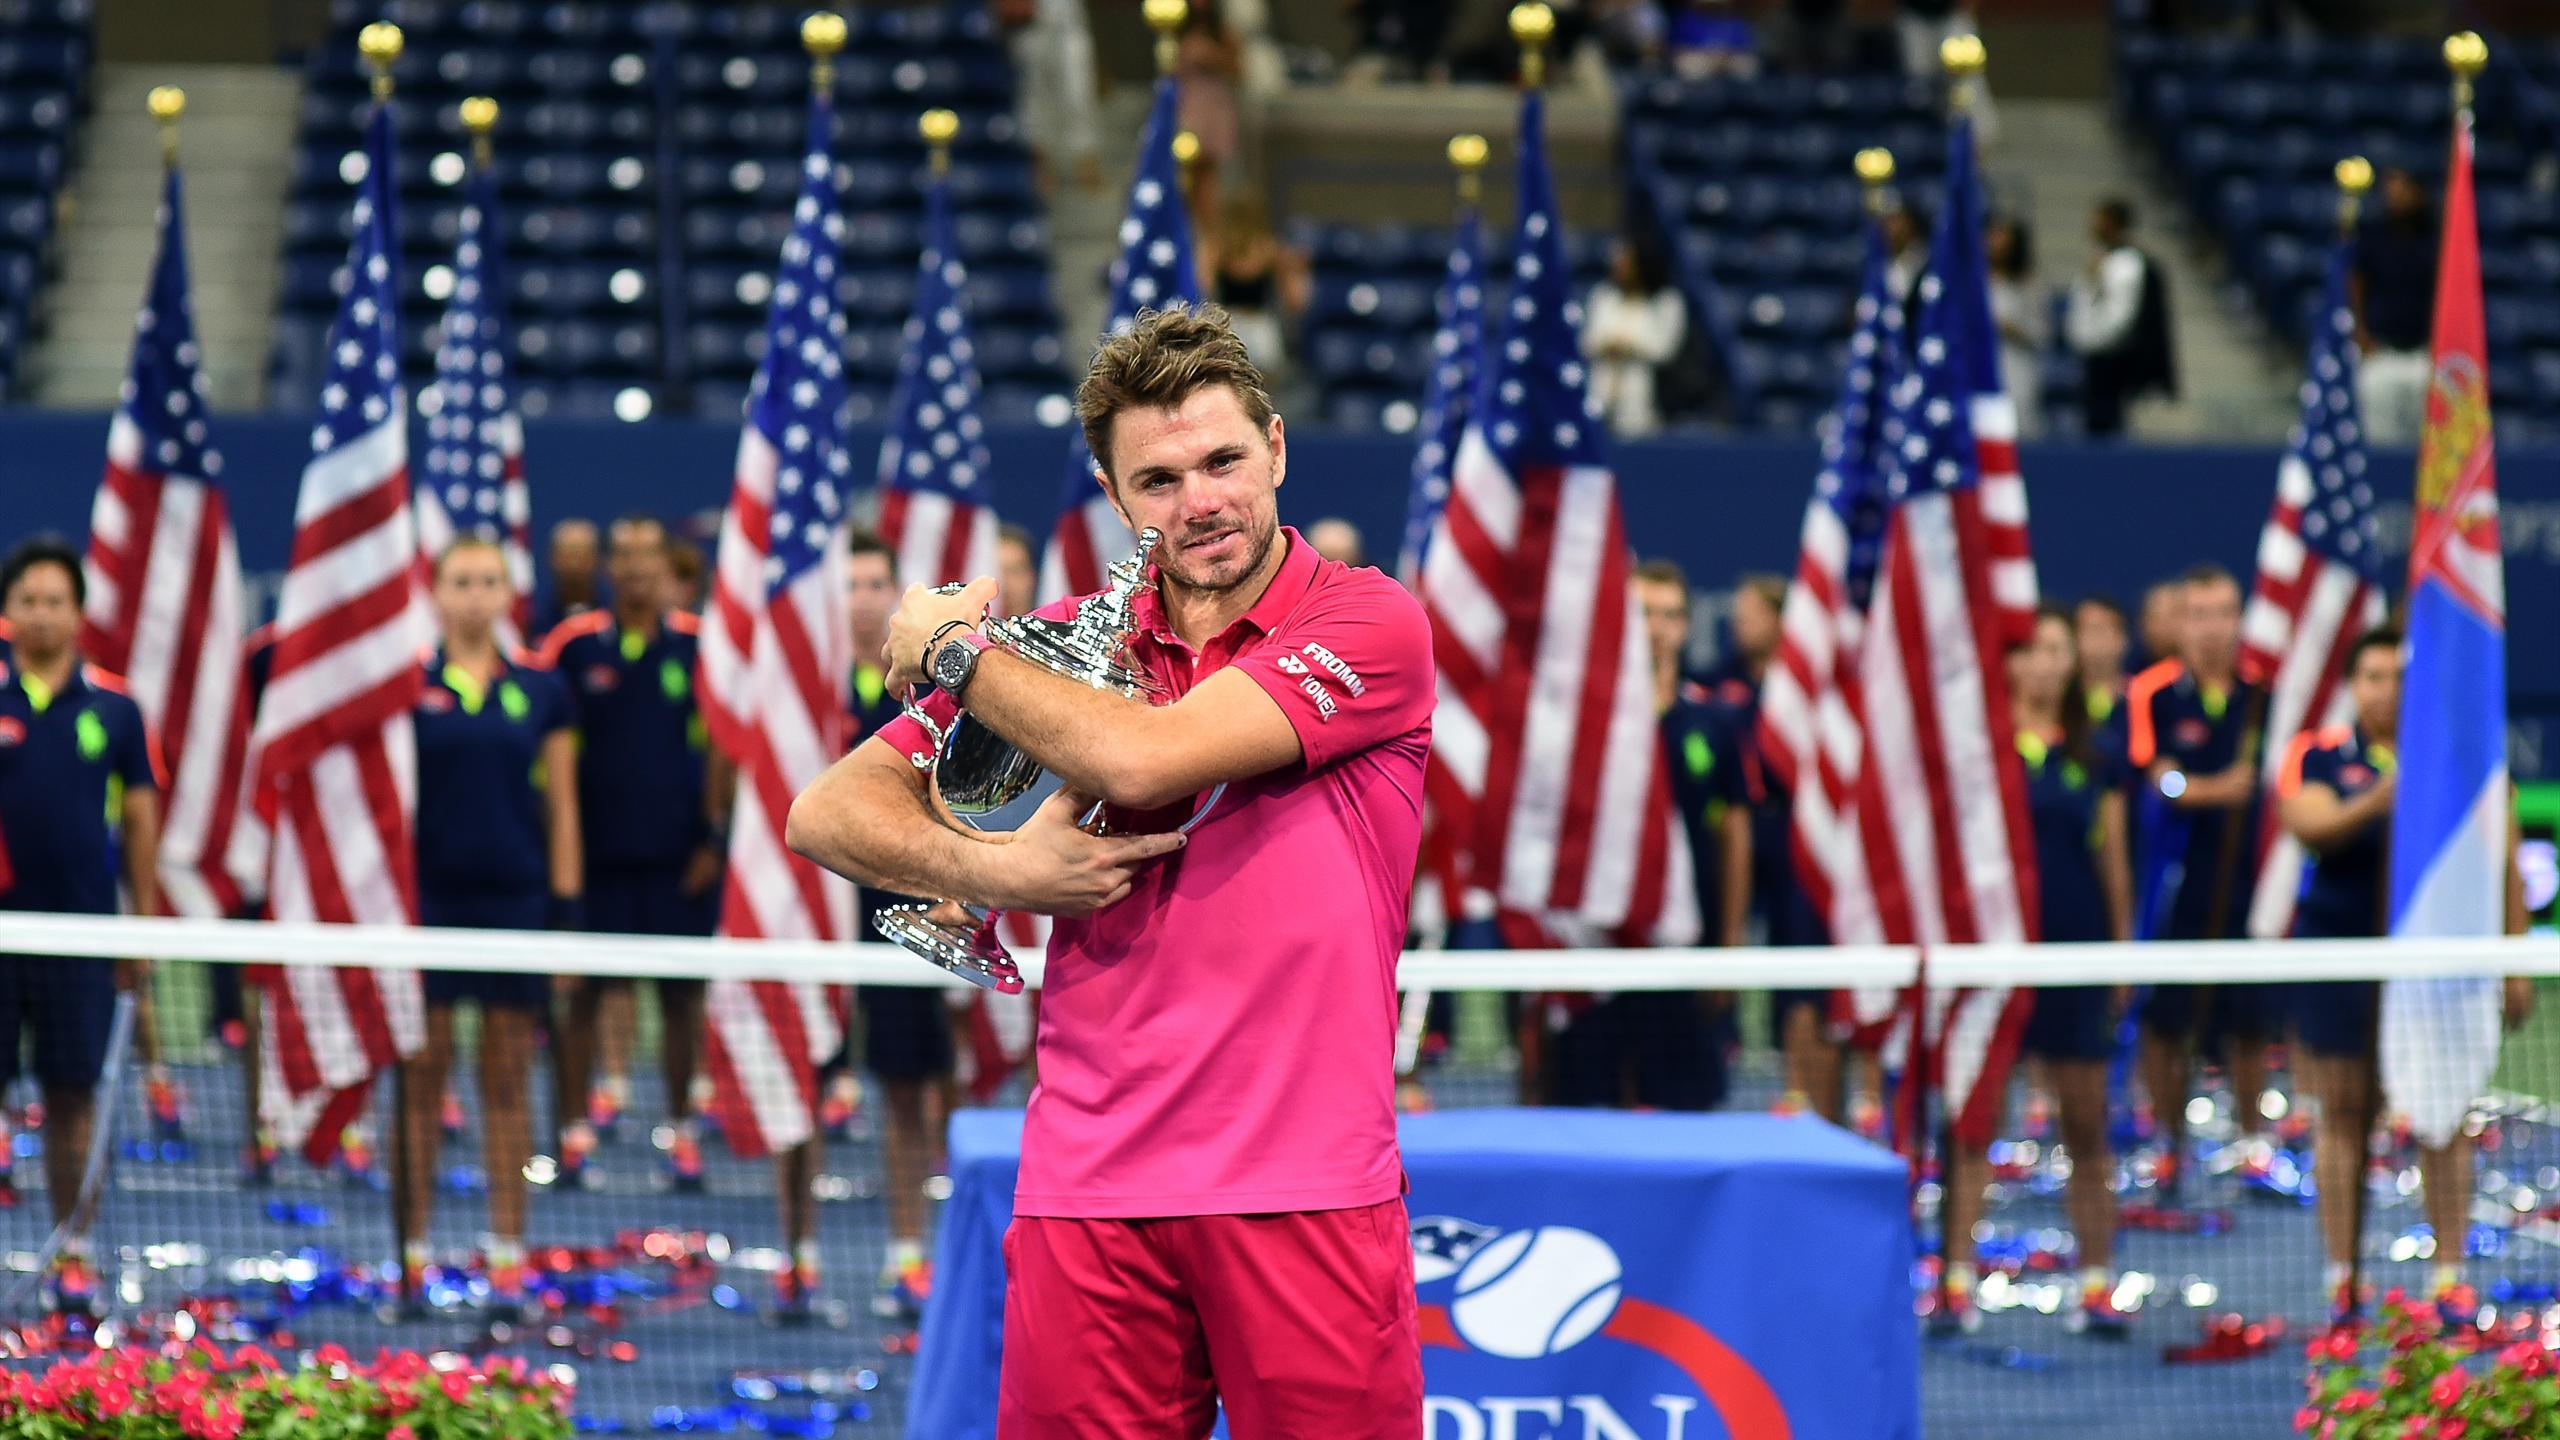 Stan Wawrinka holds the US Open trophy